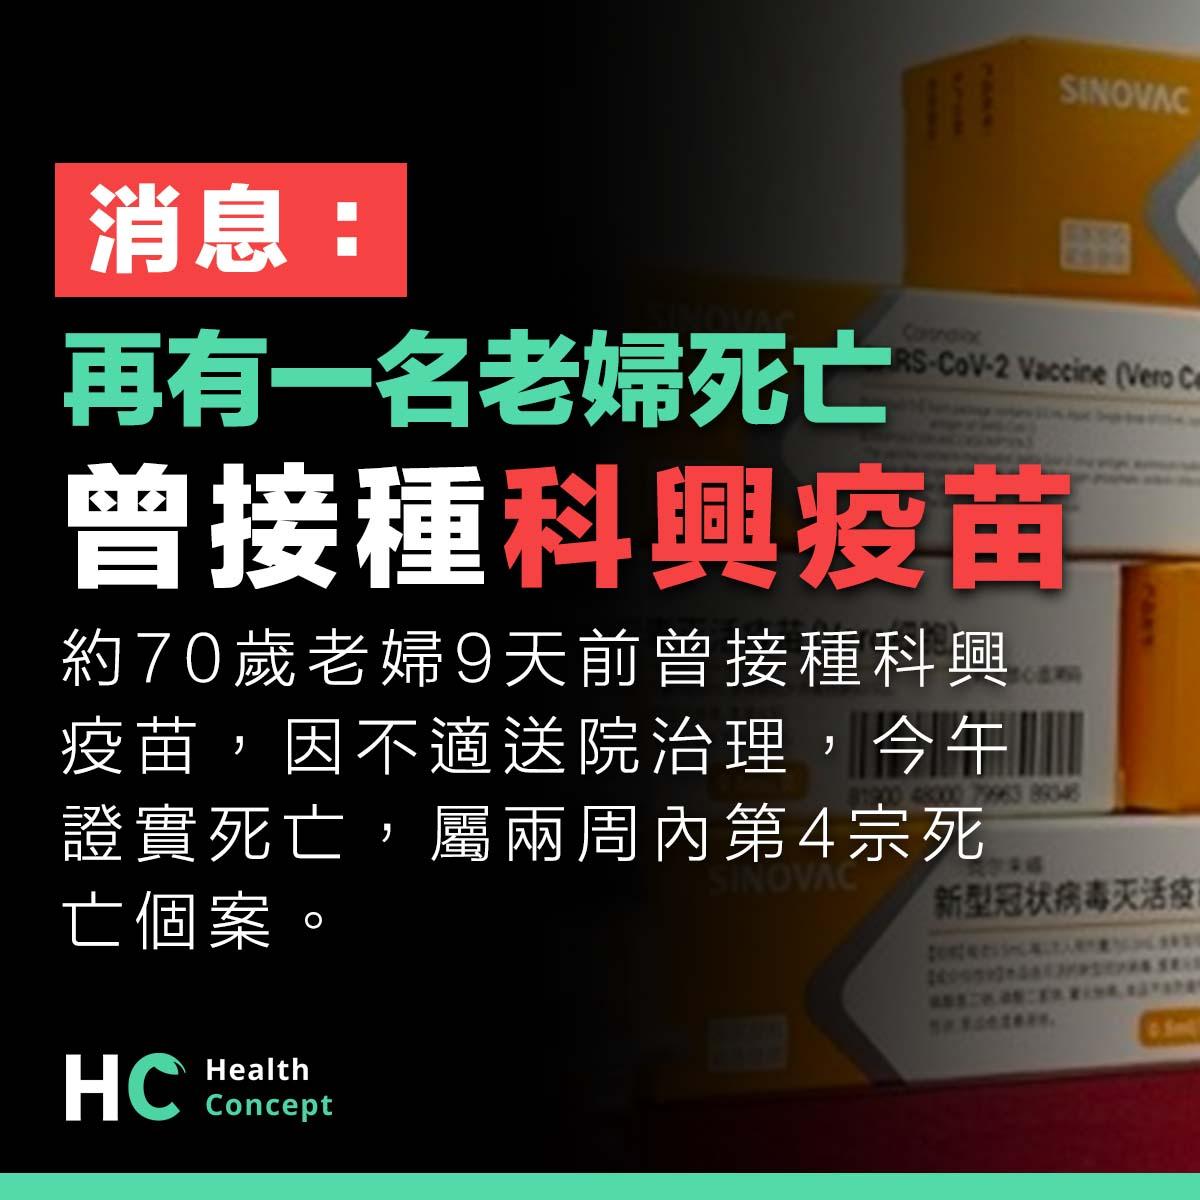 消息:本港兩周內共4宗接種疫苗後死亡個案 第四宗死者為7旬老婦